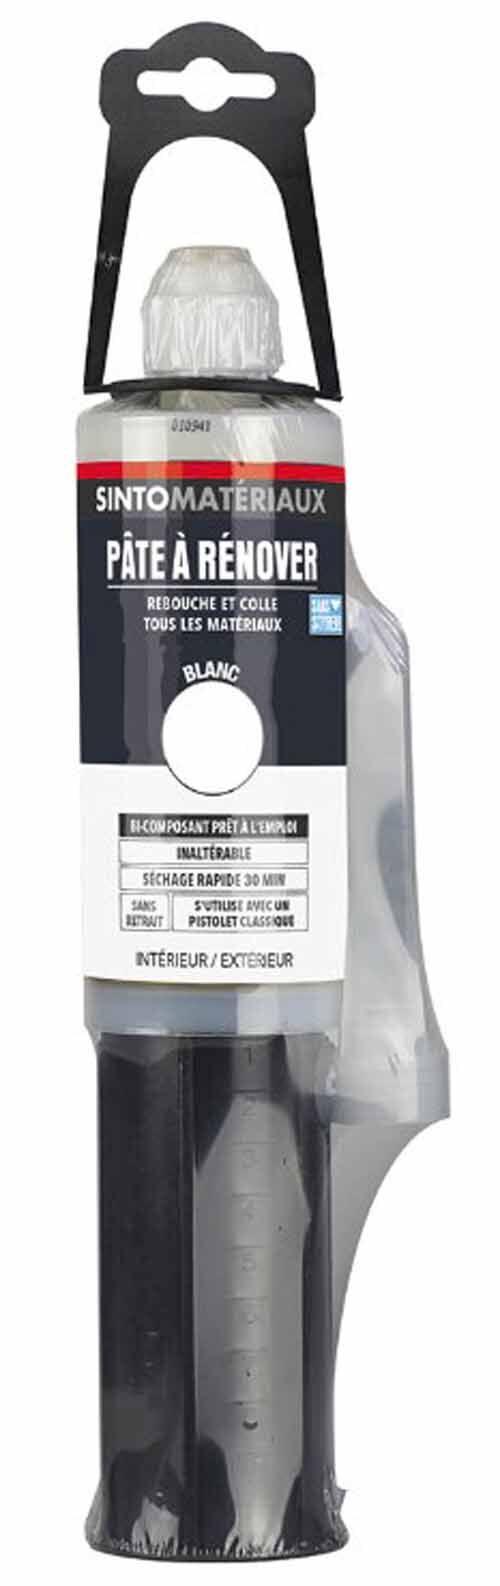 SINTO Pâte à rénover sans styrène + durcisseur - SINTO - 820163